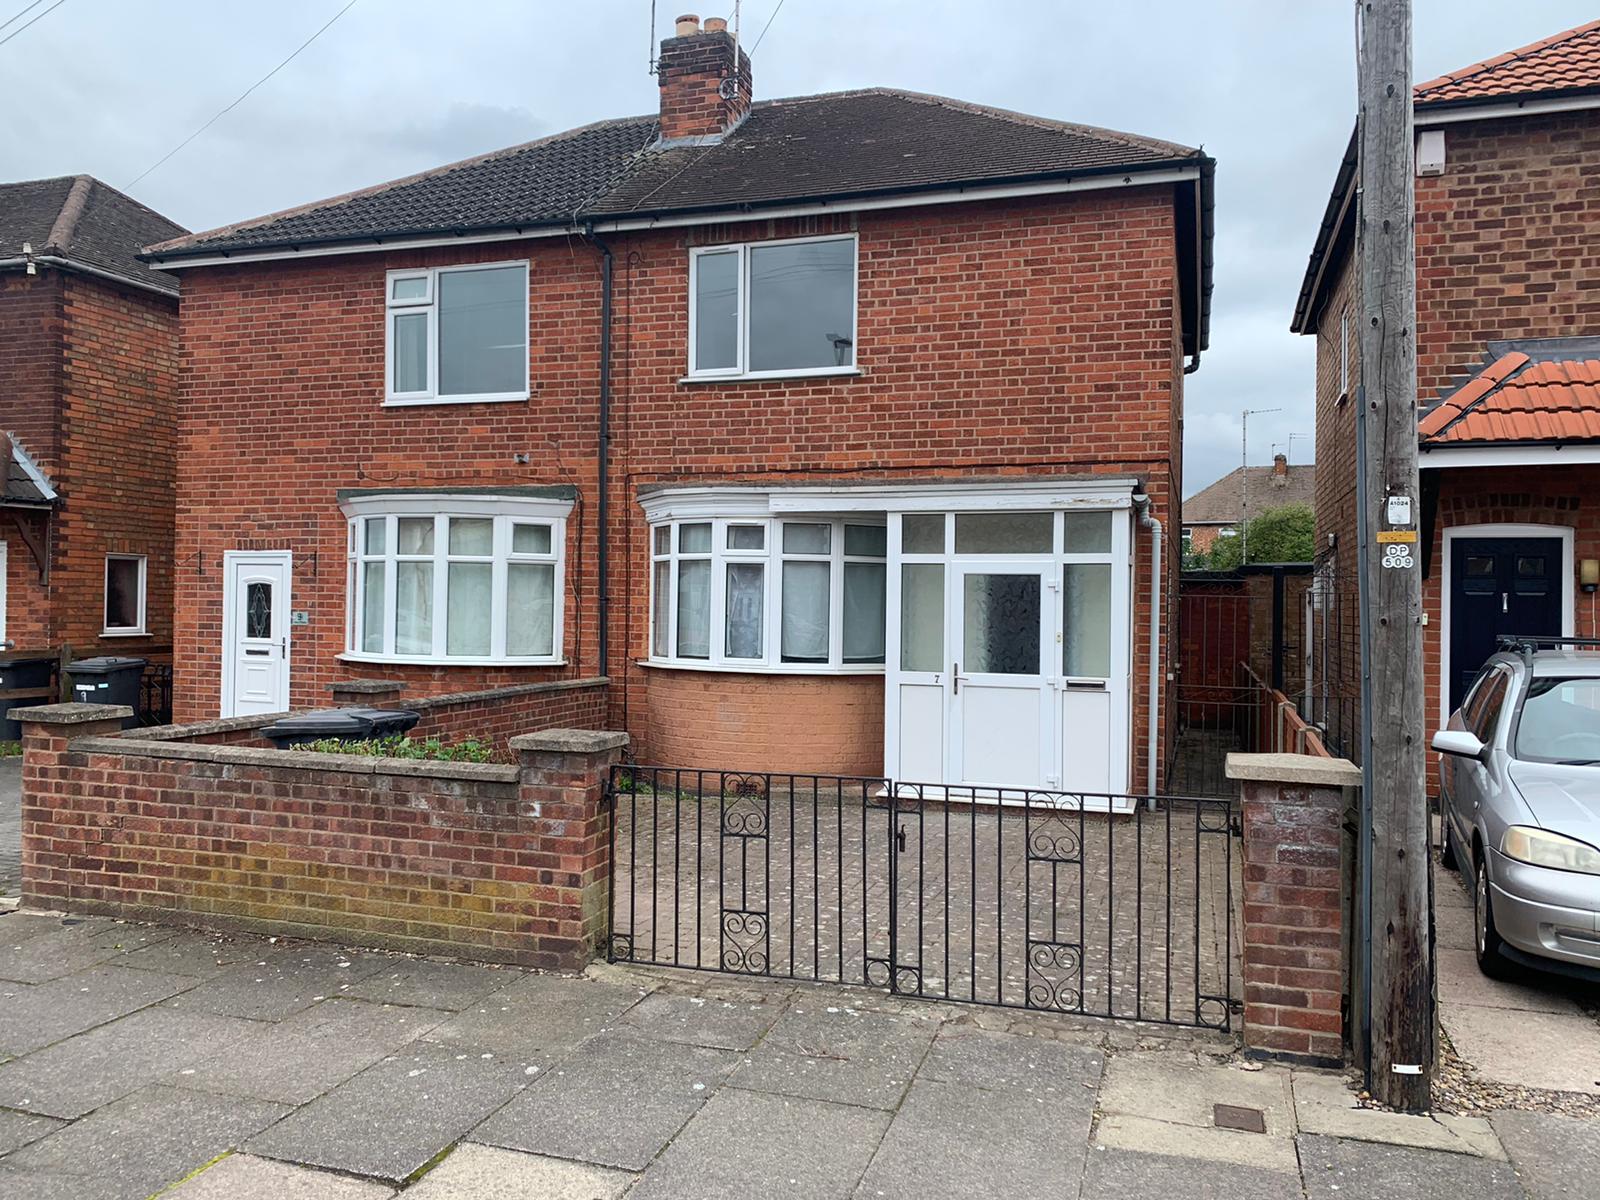 2 Bed – Alton Road, Aylestone, Leicester, LE2 8QB. £850 PCM